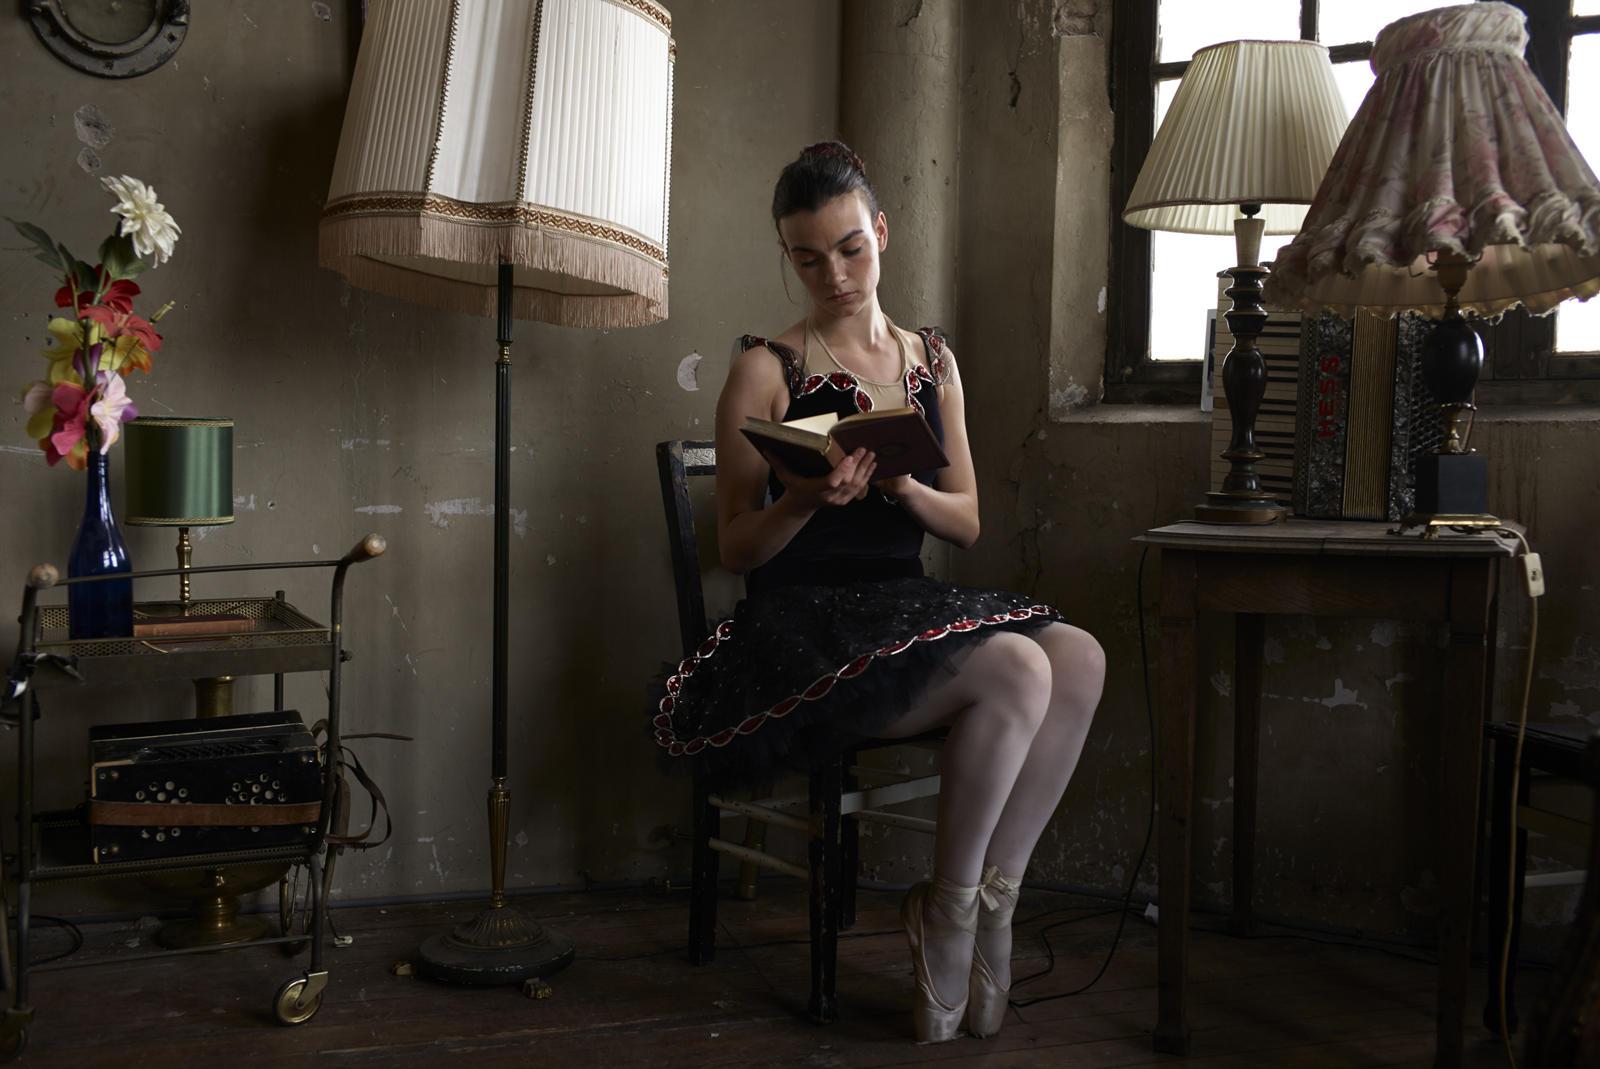 Foto van een ballerina op een stoel die een boek leest in een ouderwets interieur